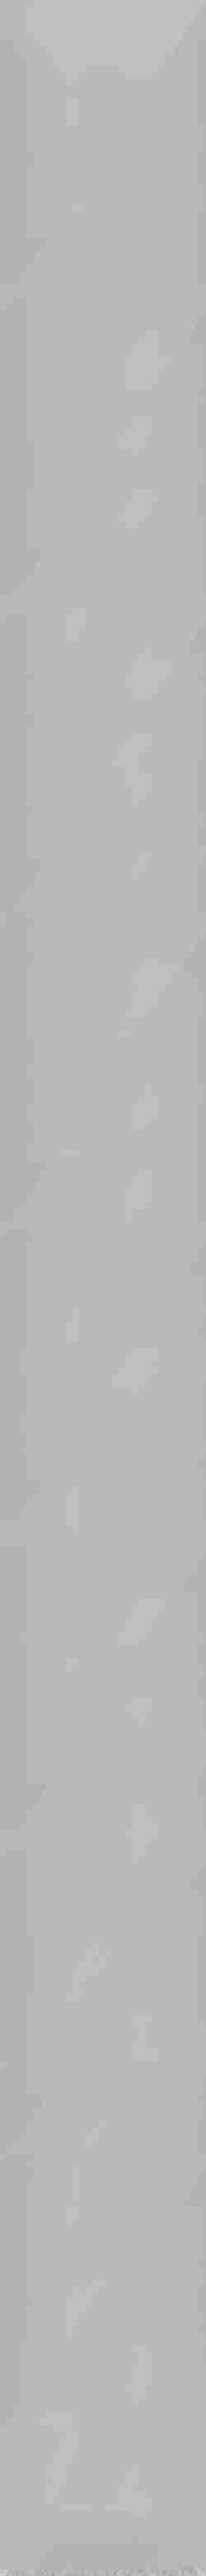 Paradyż Uniwersalna Listwa Szklana Silver Fazowana